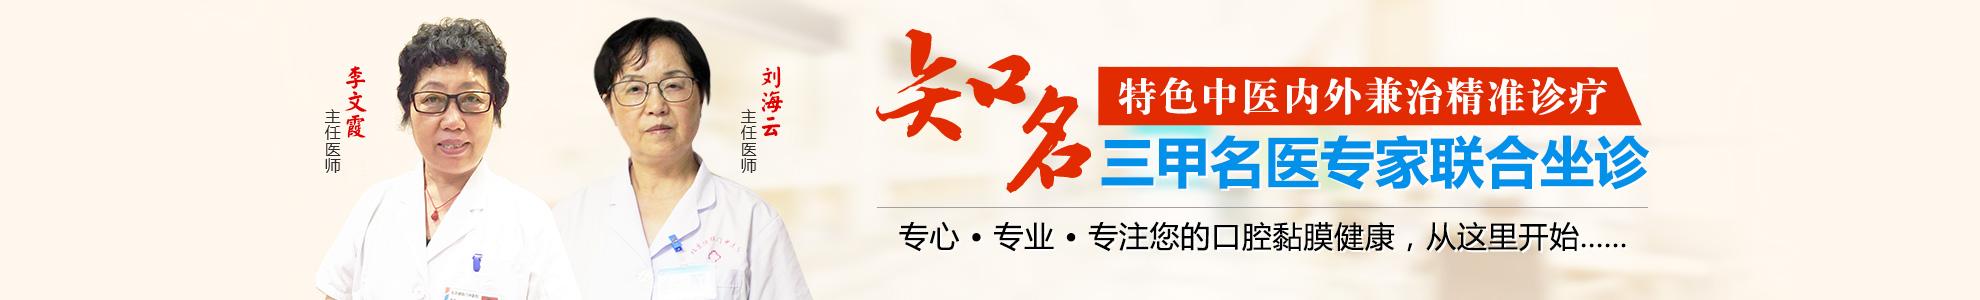 北京德胜门中医院口腔黏膜科